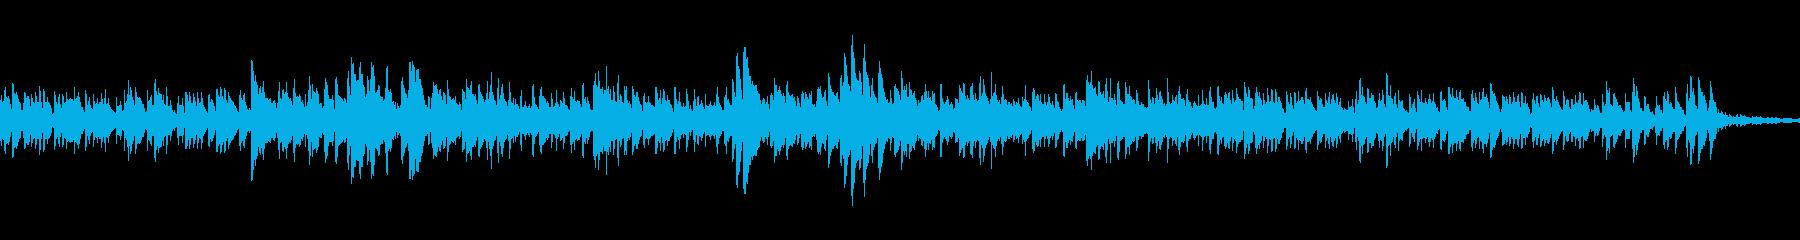 ひっそりした不思議なメロディーの再生済みの波形